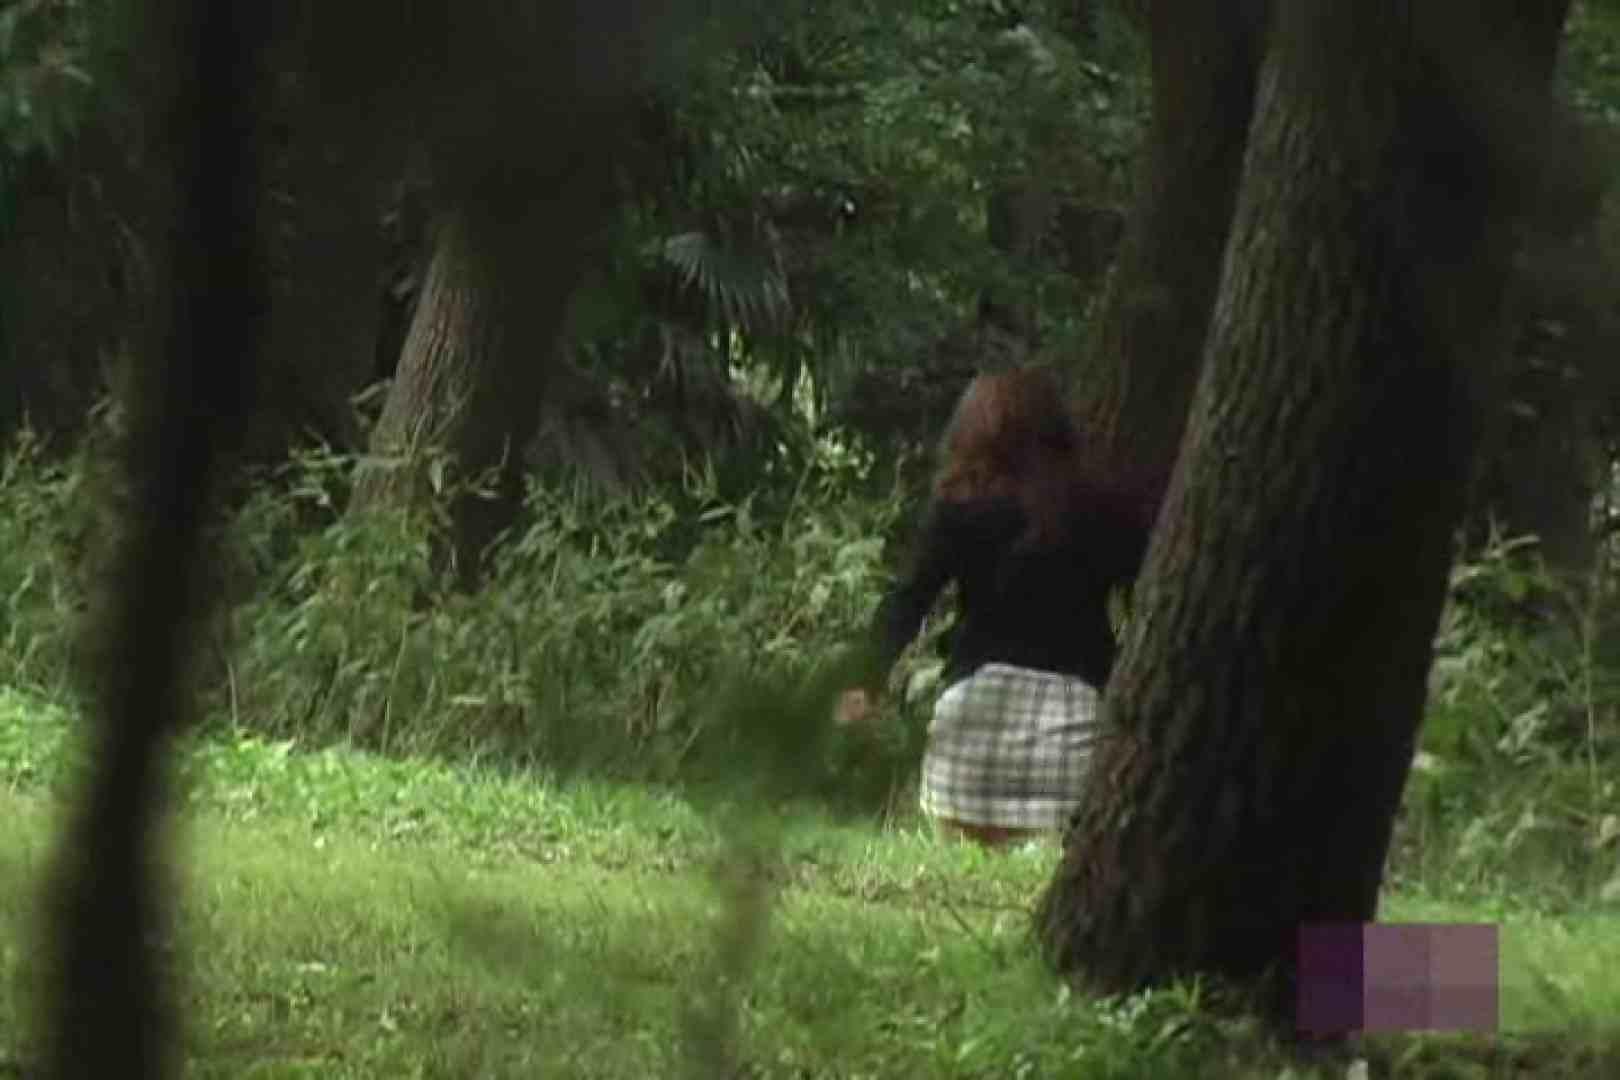 検証!隠し撮りスカートめくり!!Vol.1 美女OL  87連発 26